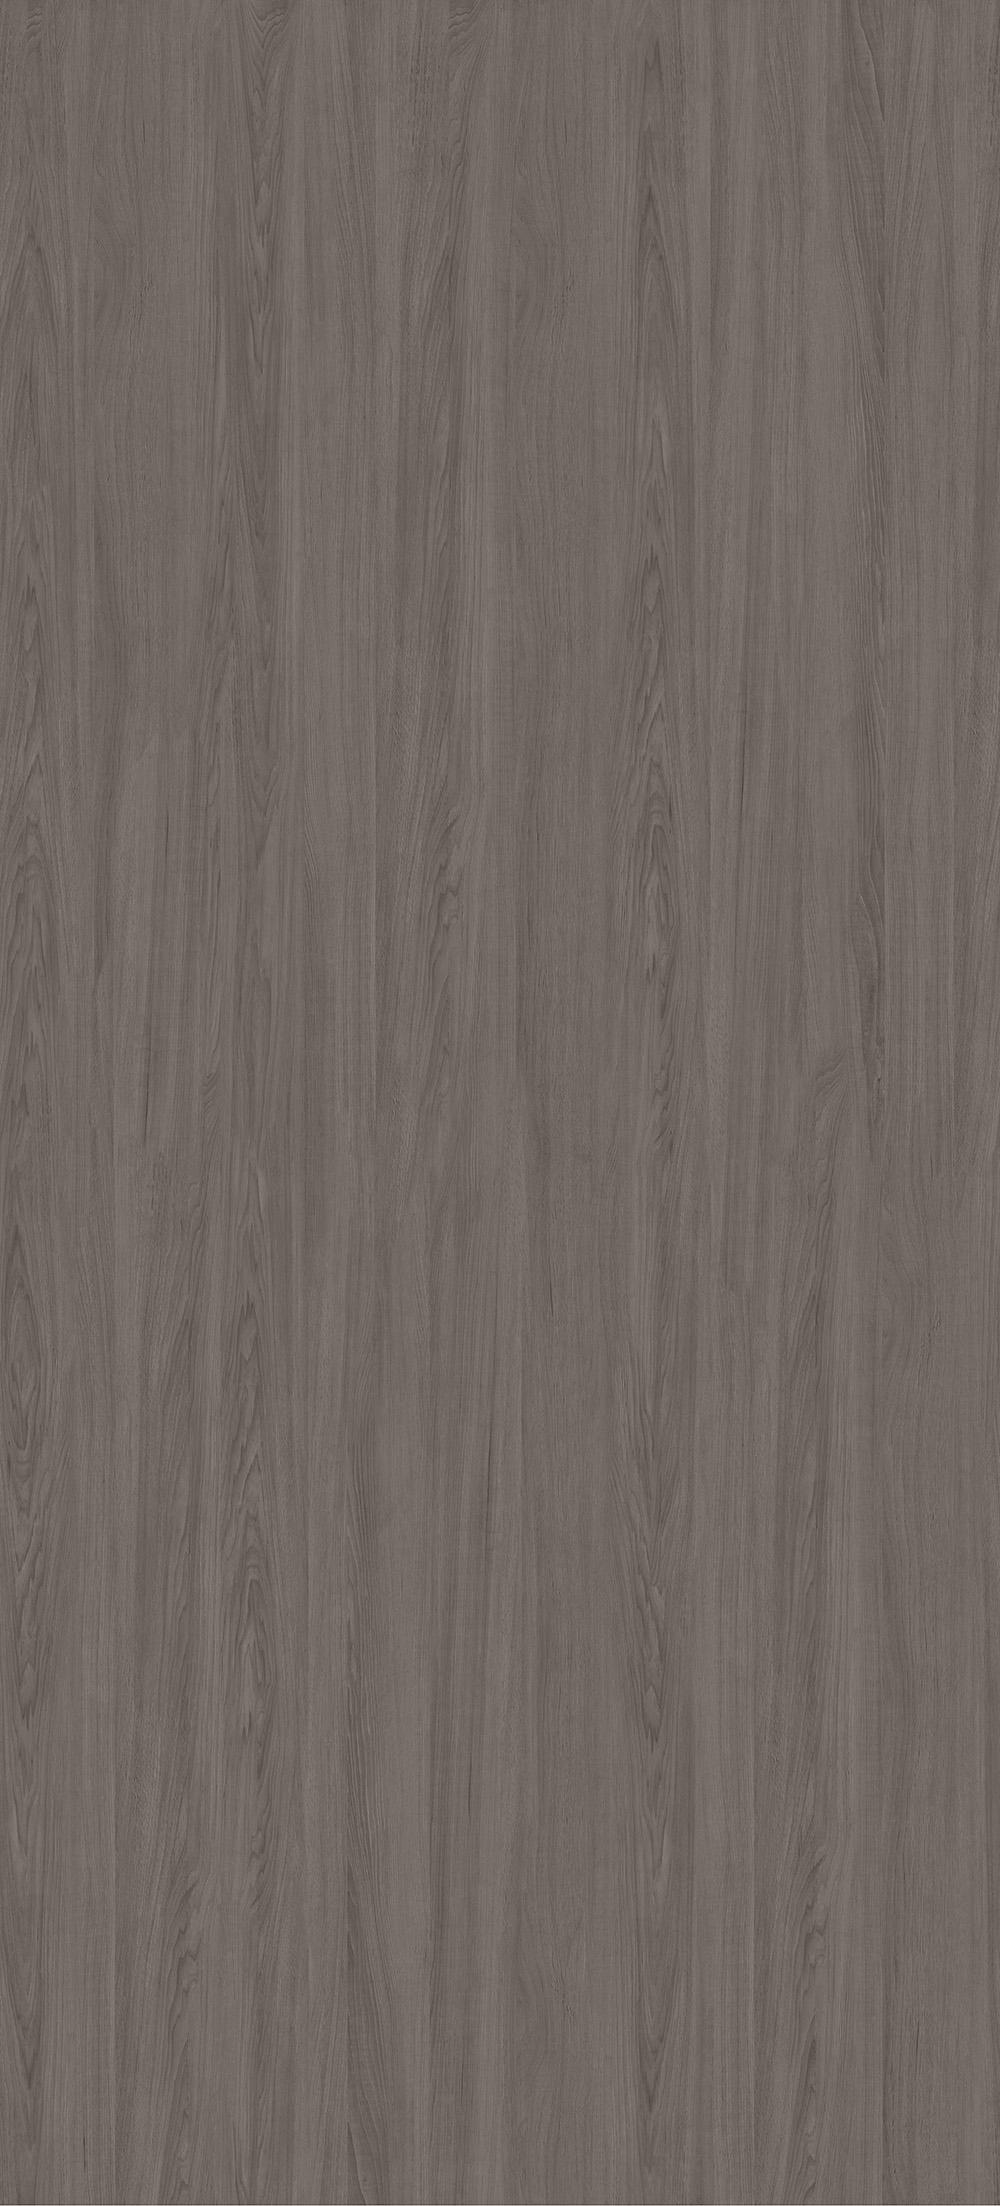 HJ2712001香樟森林(緞光,隨機版面)